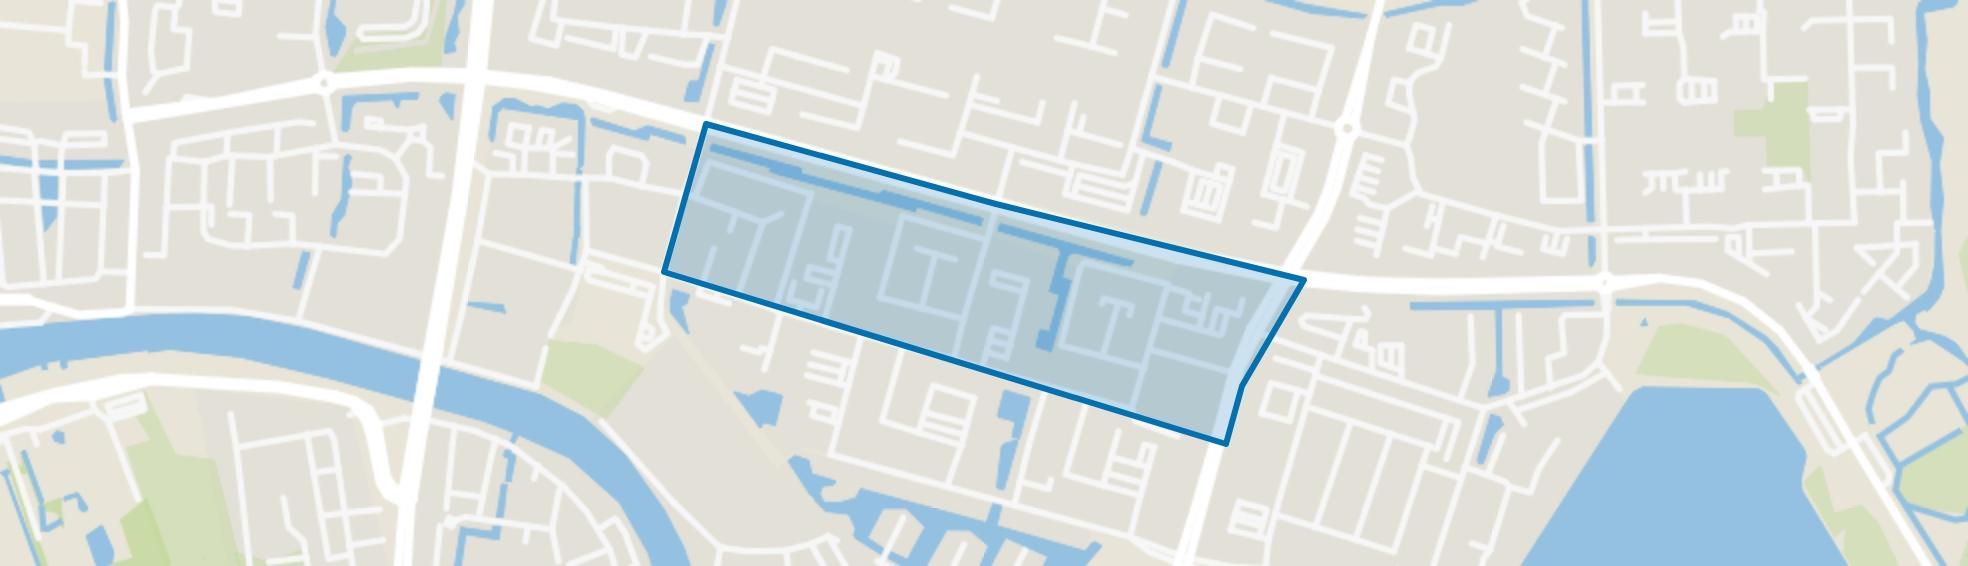 Planetenbuurt-Noord, Alphen aan den Rijn map